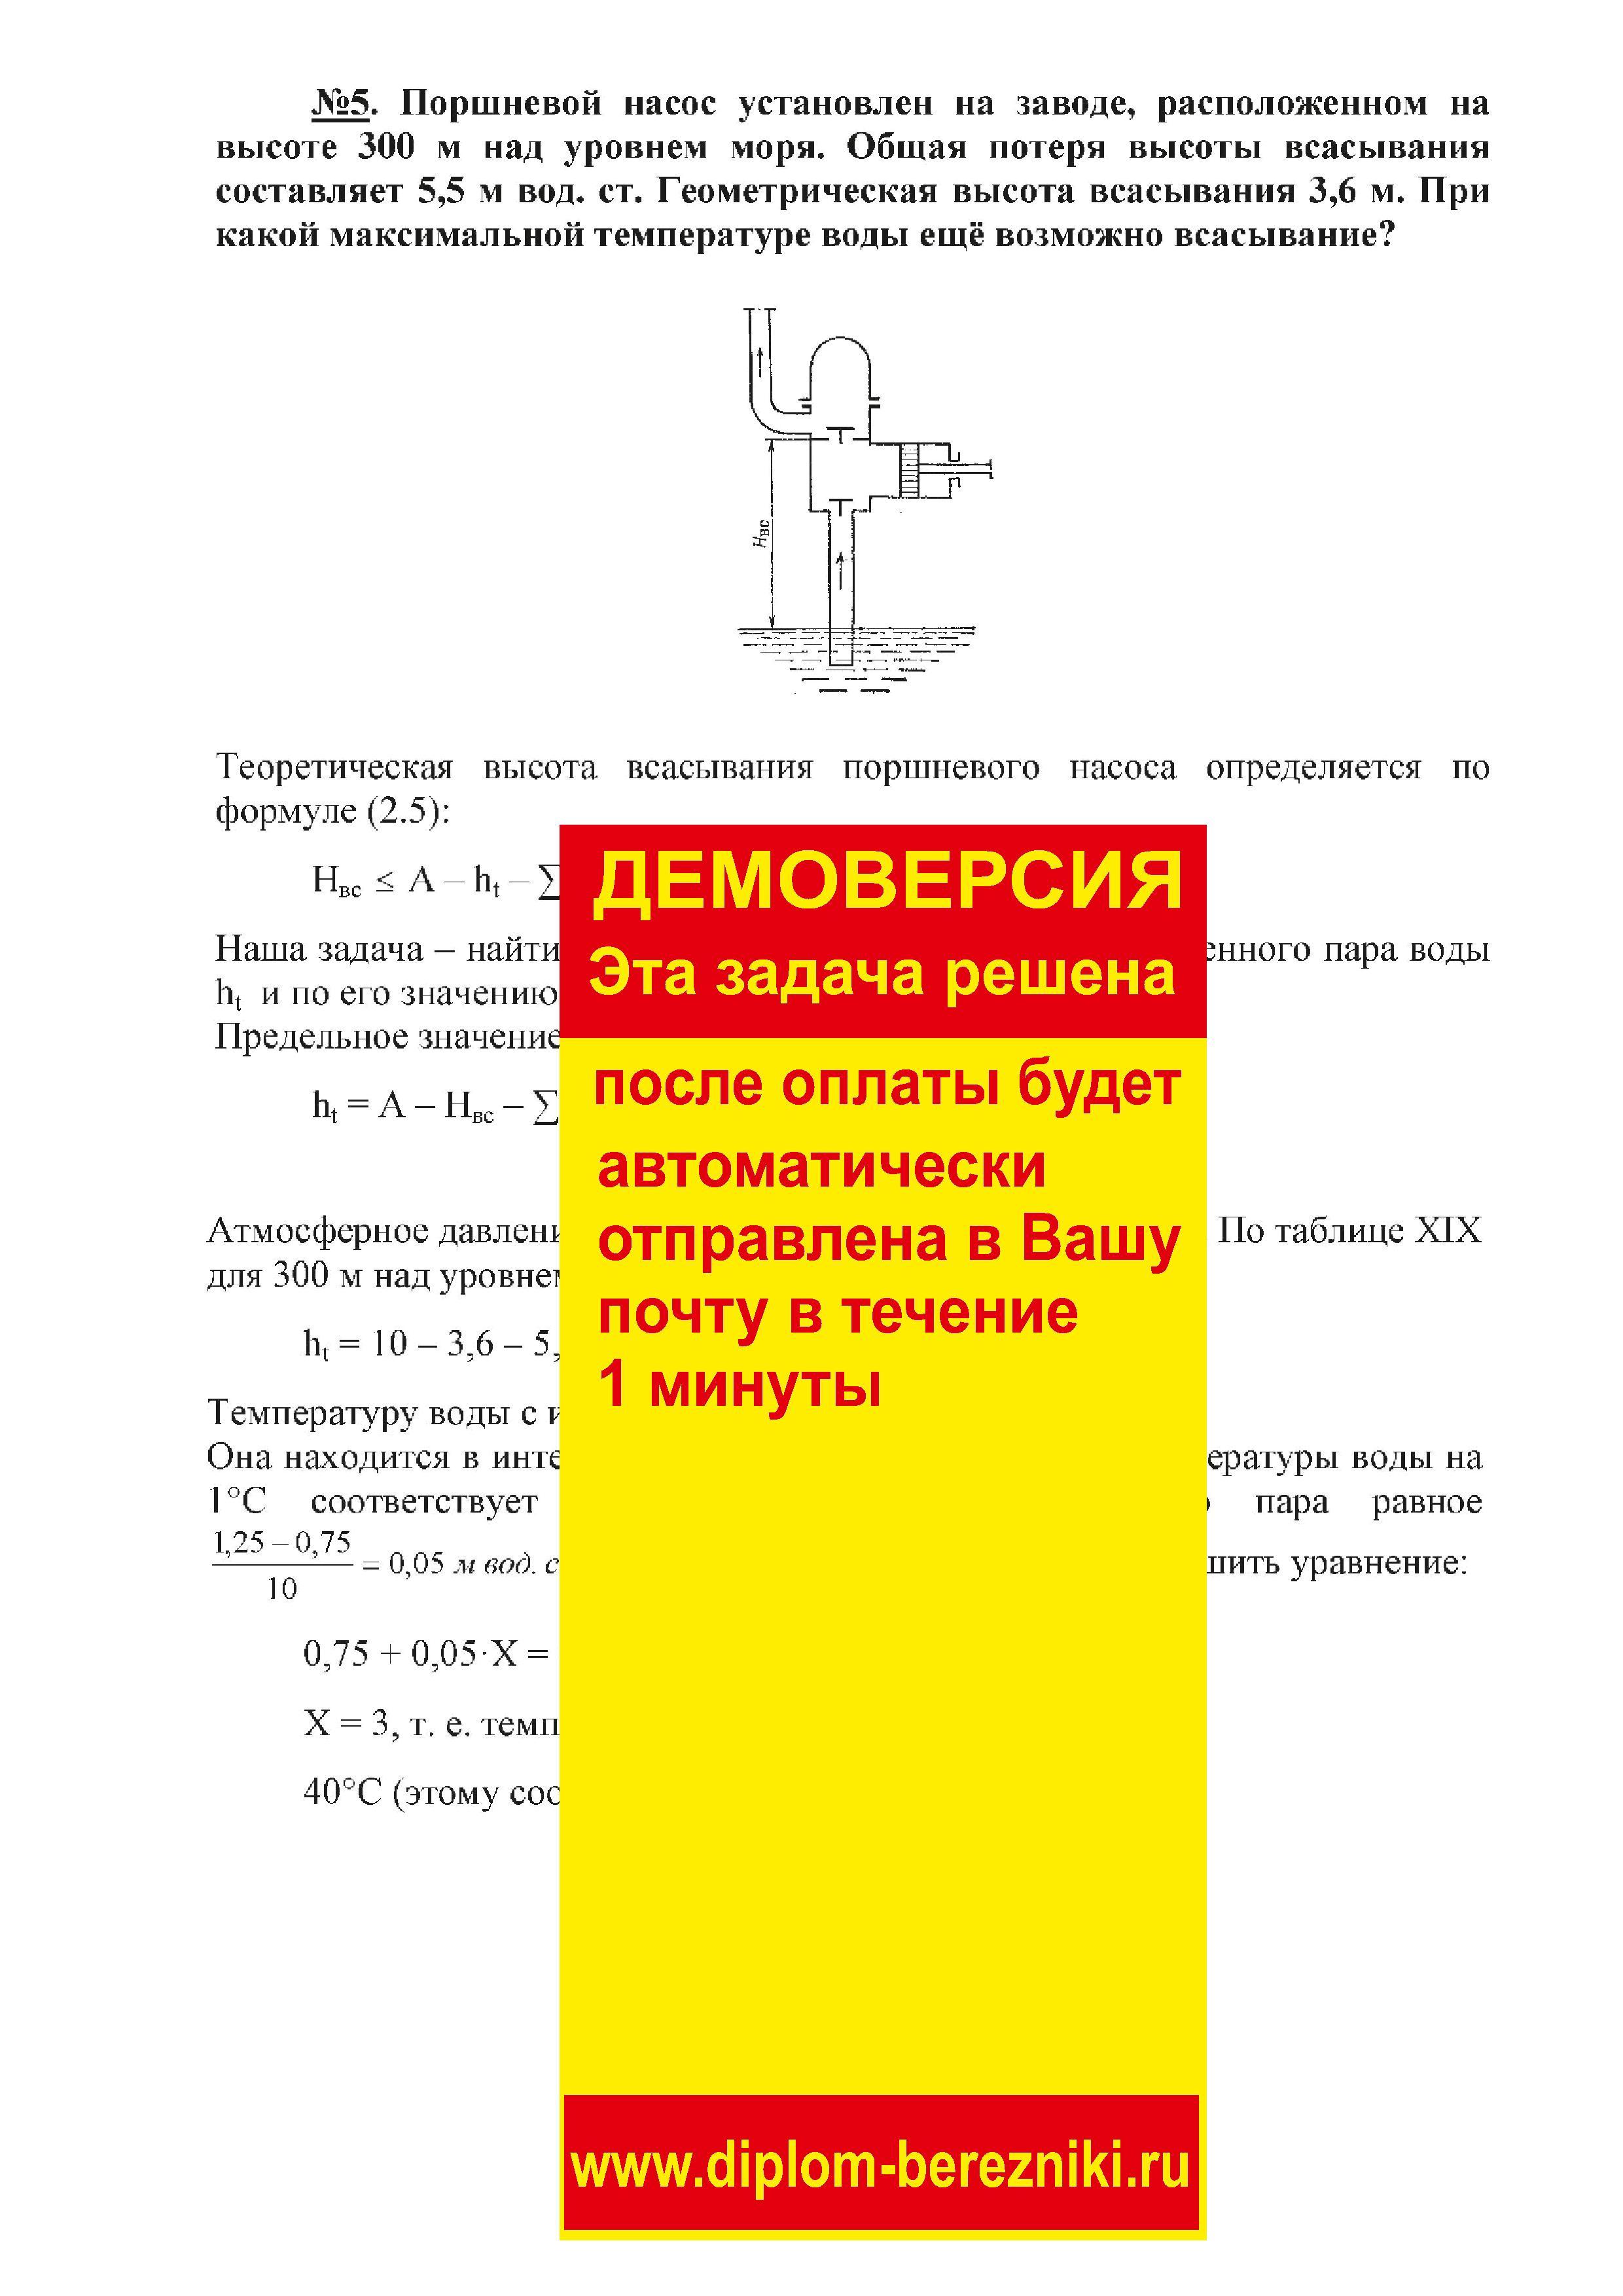 Решение задачи 2.5 по ПАХТ из задачника Павлова Романкова Носкова